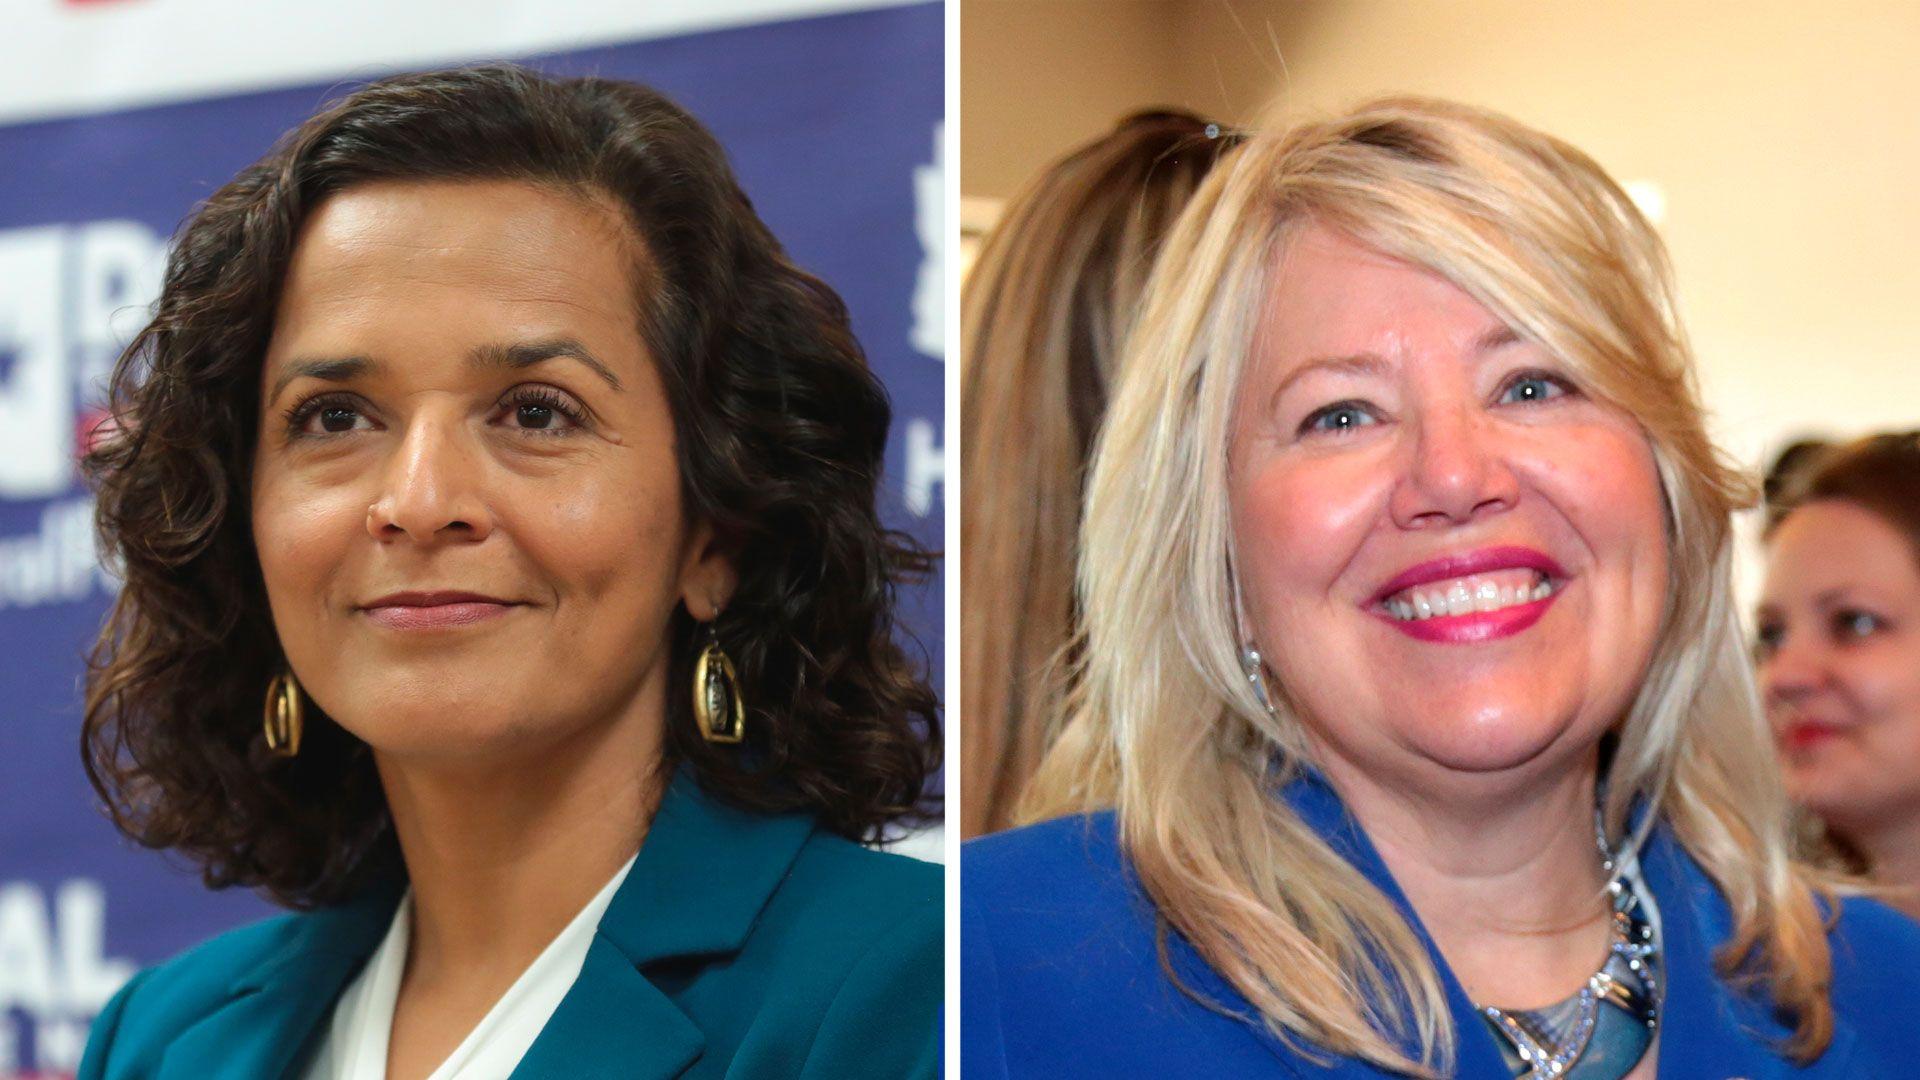 Democratic candidate Hiral Tipirneni and Republican candidate Debbie Lesko